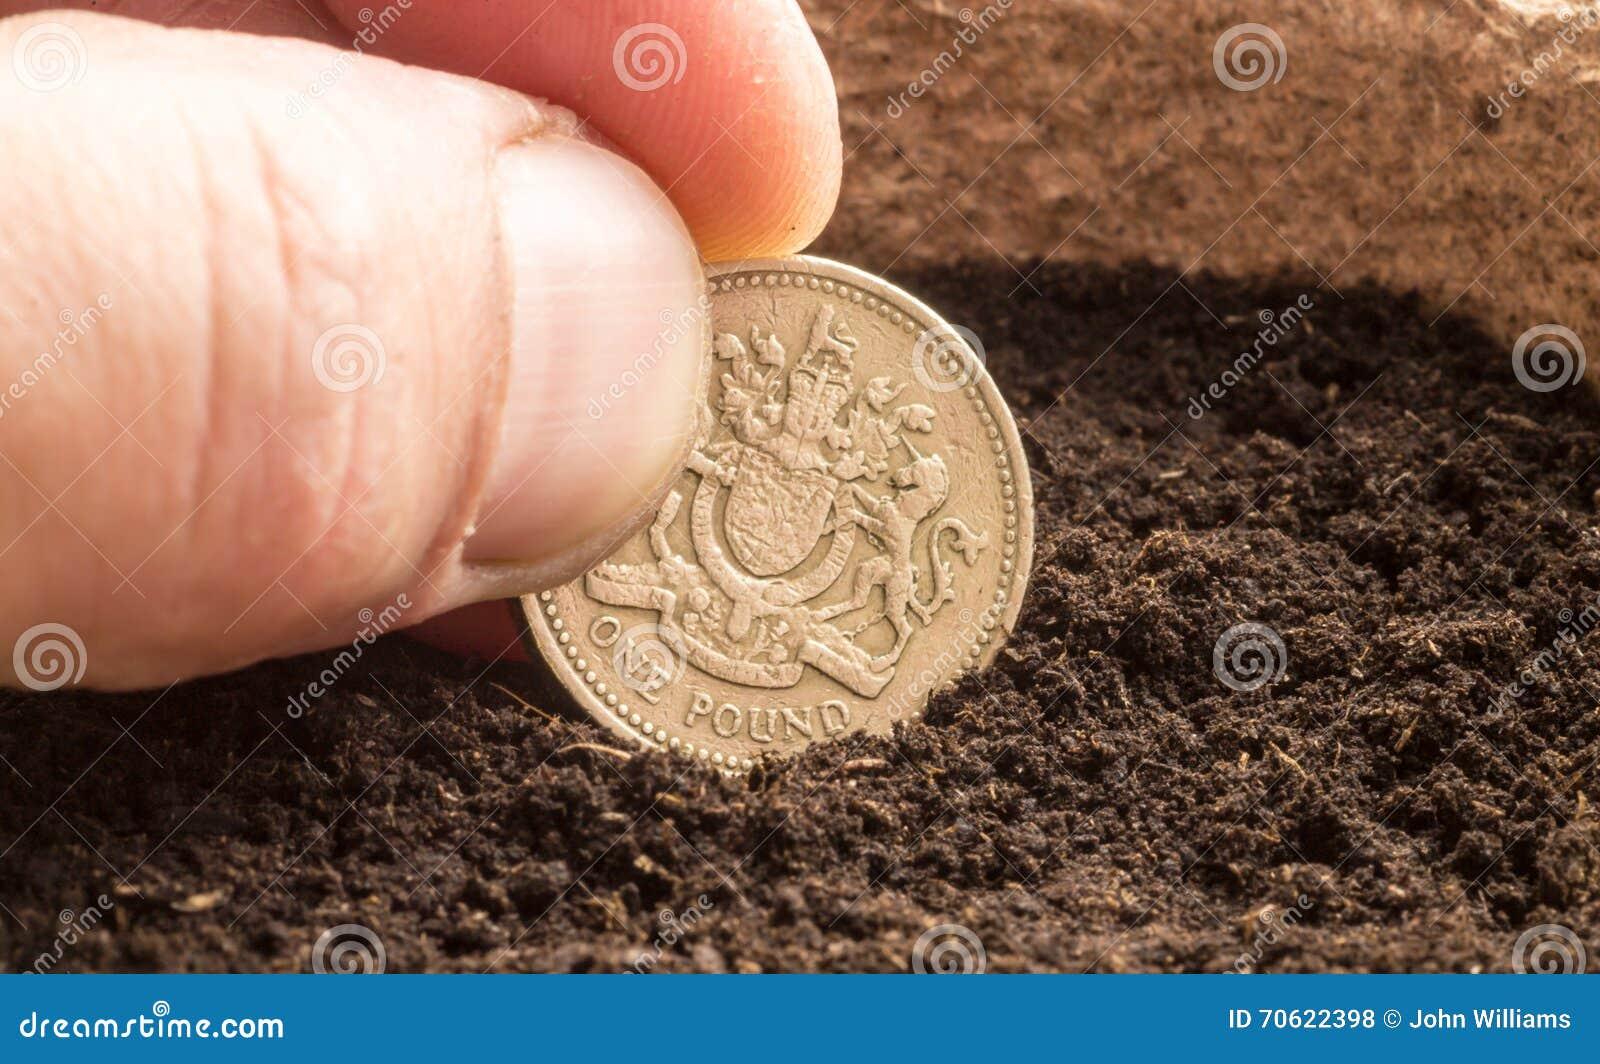 Menschliche Hand Die Eine Pfund Münze Im Kompost Sät Stockfoto